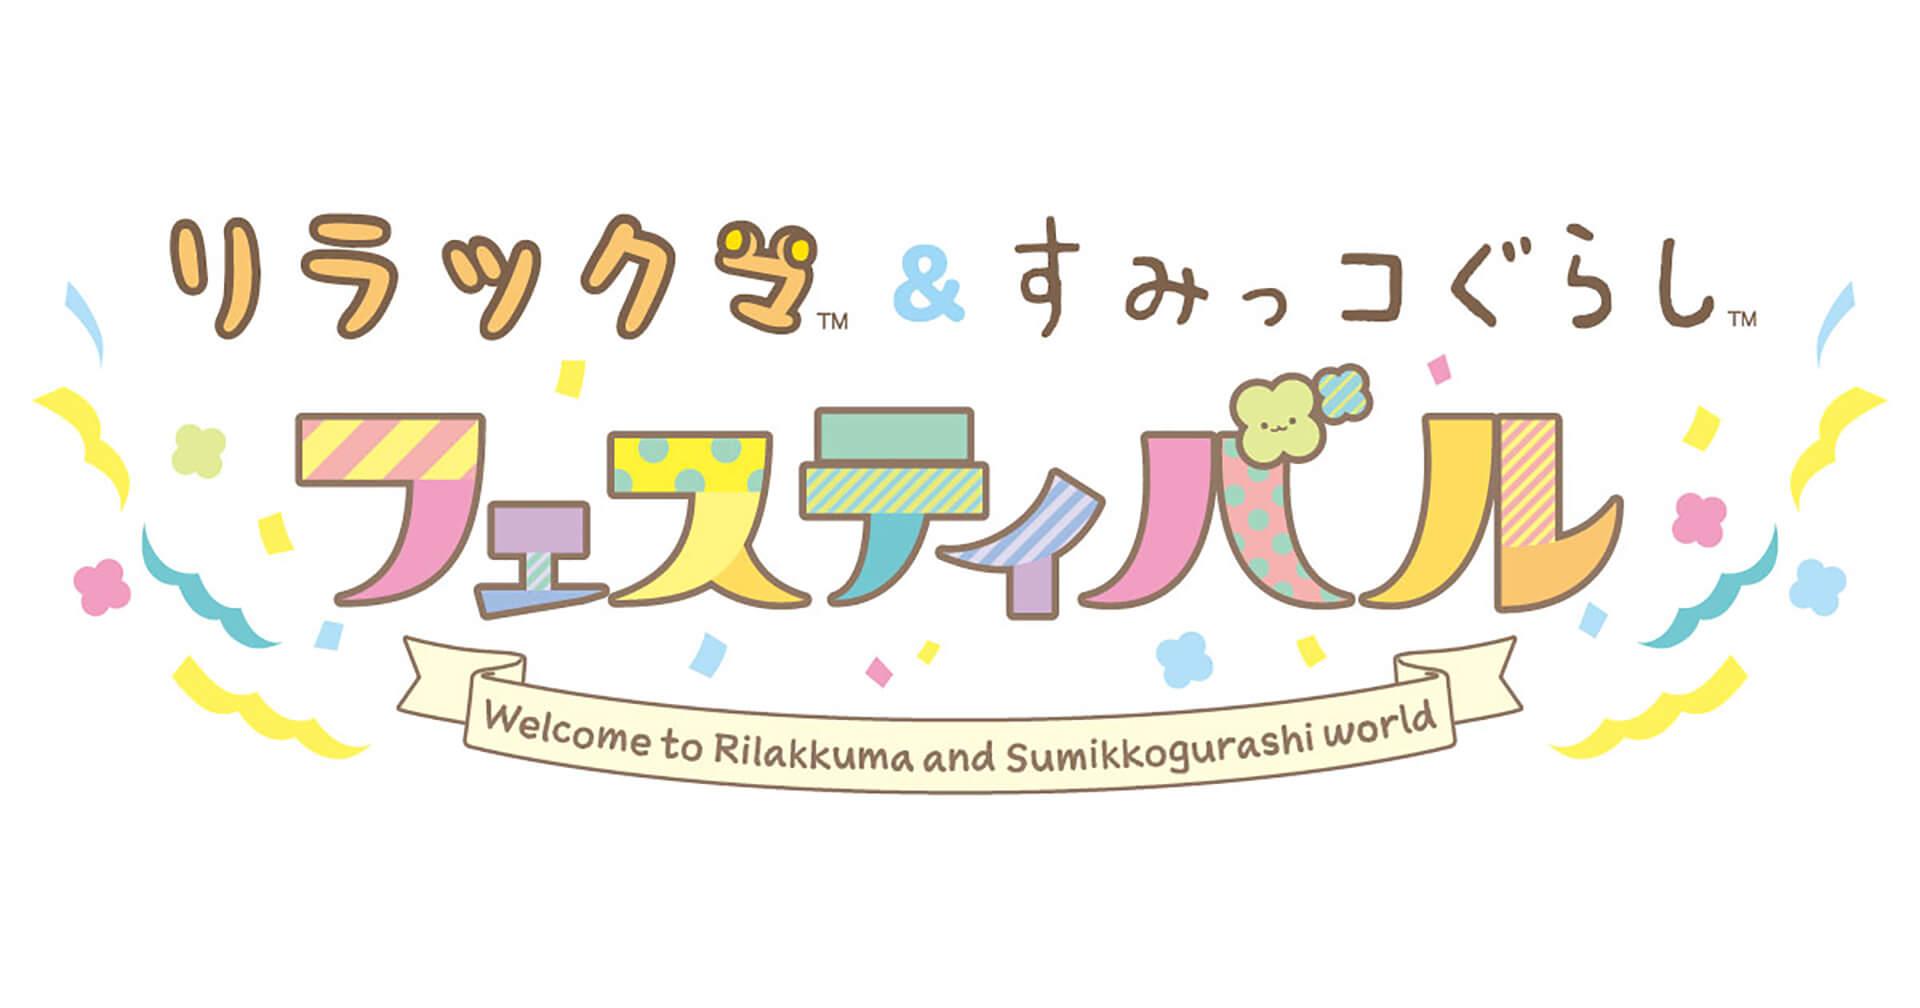 リラックマ&すみっコぐらしフェスティバルロゴ